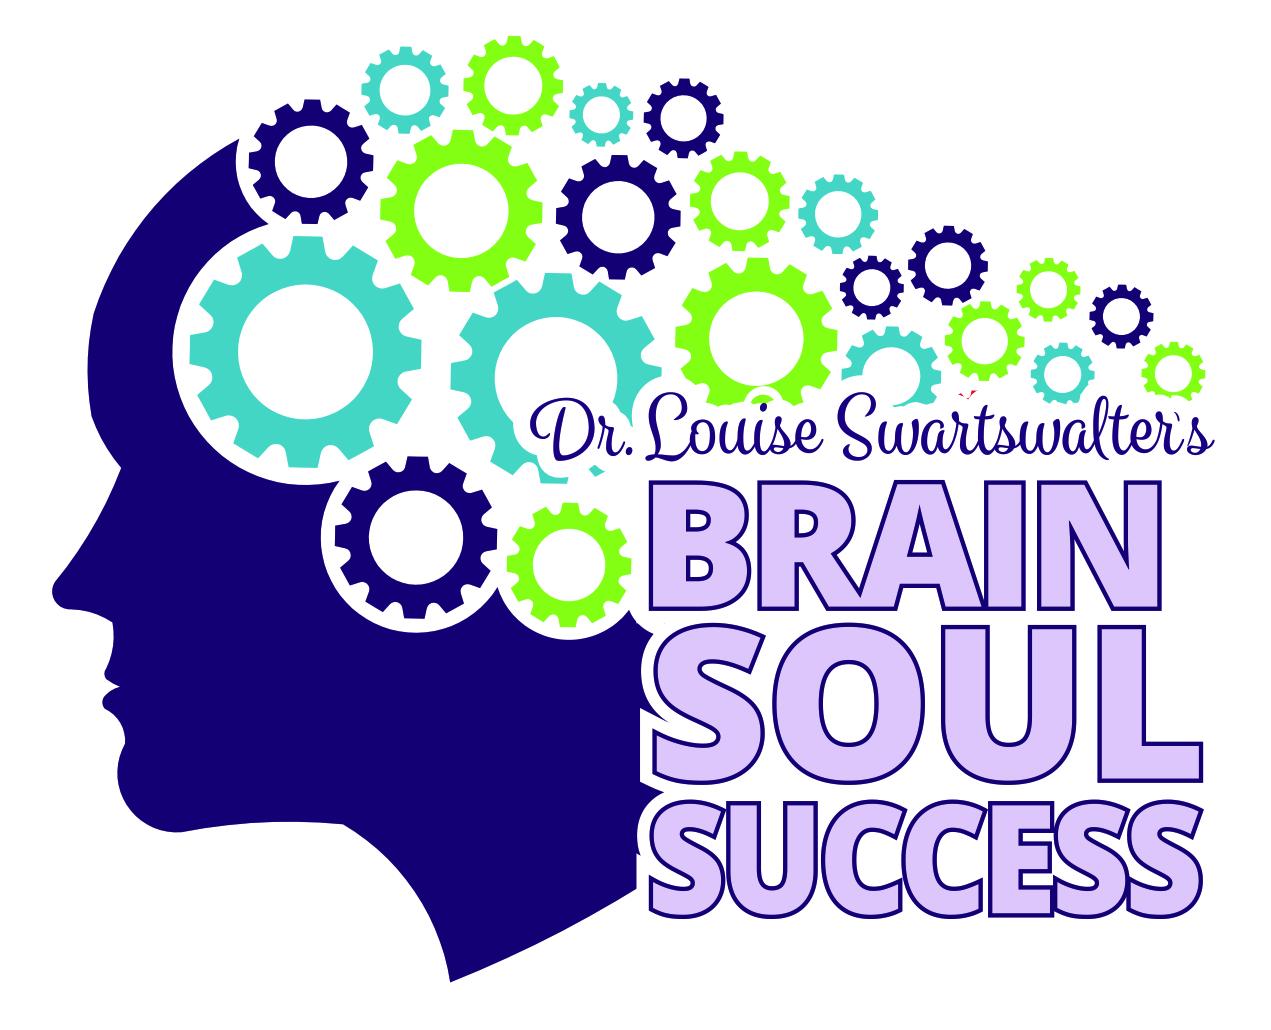 It's the Brain Soul Success Show!